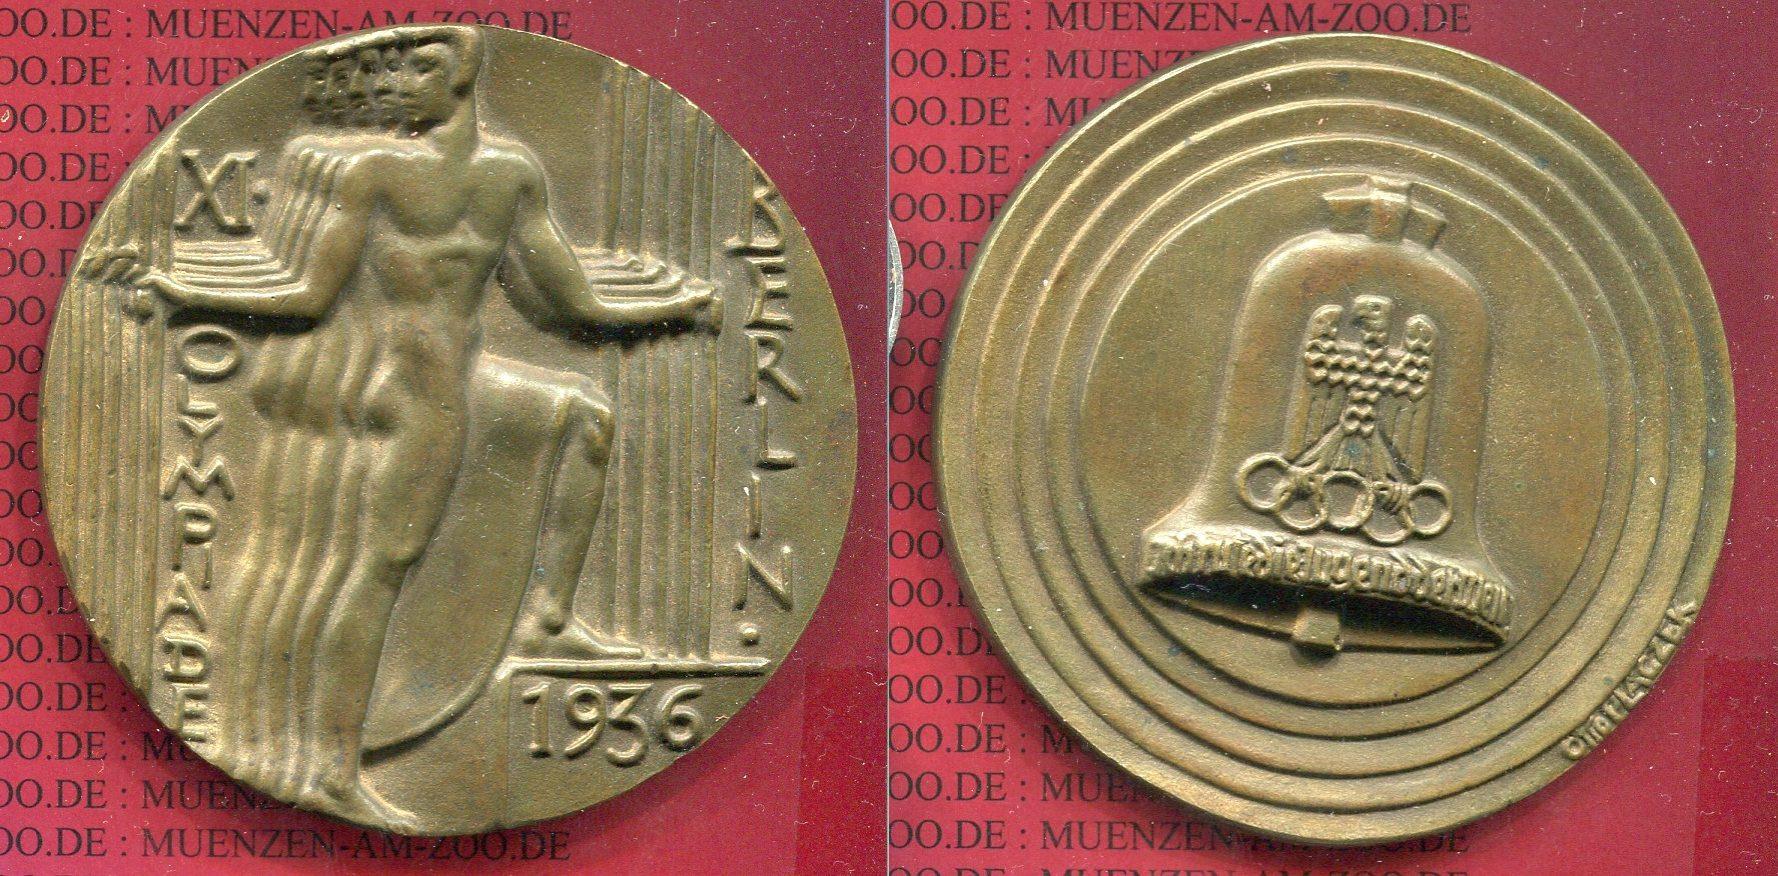 Olympische Spiele 1936 Medaillenspiegel